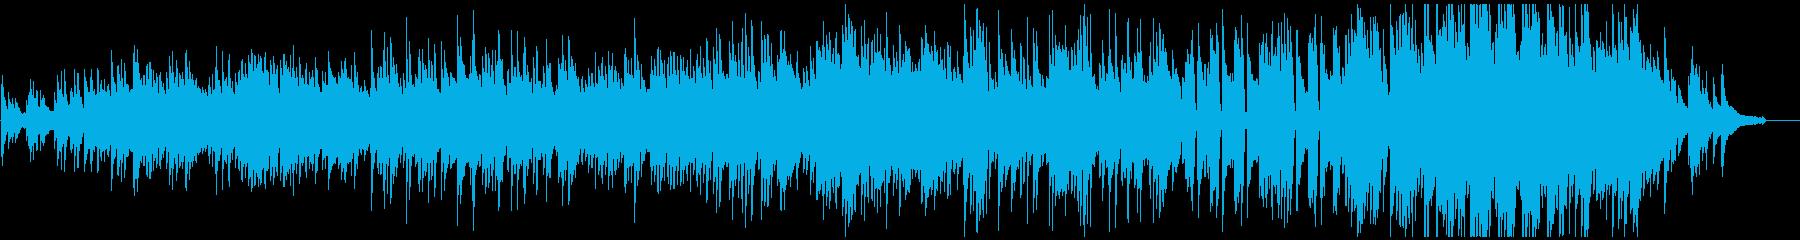 日本らしいメロディの切ないピアノソロ曲の再生済みの波形